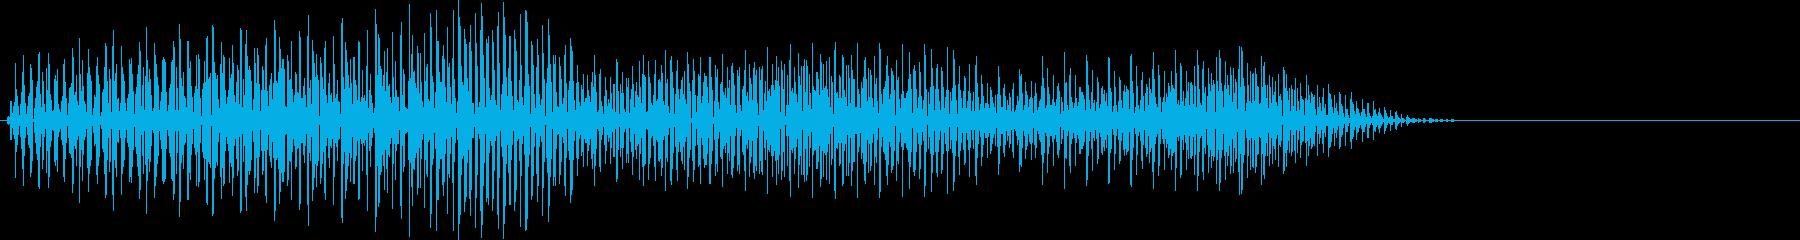 ピロ・決定音・選択音・デジタルの再生済みの波形